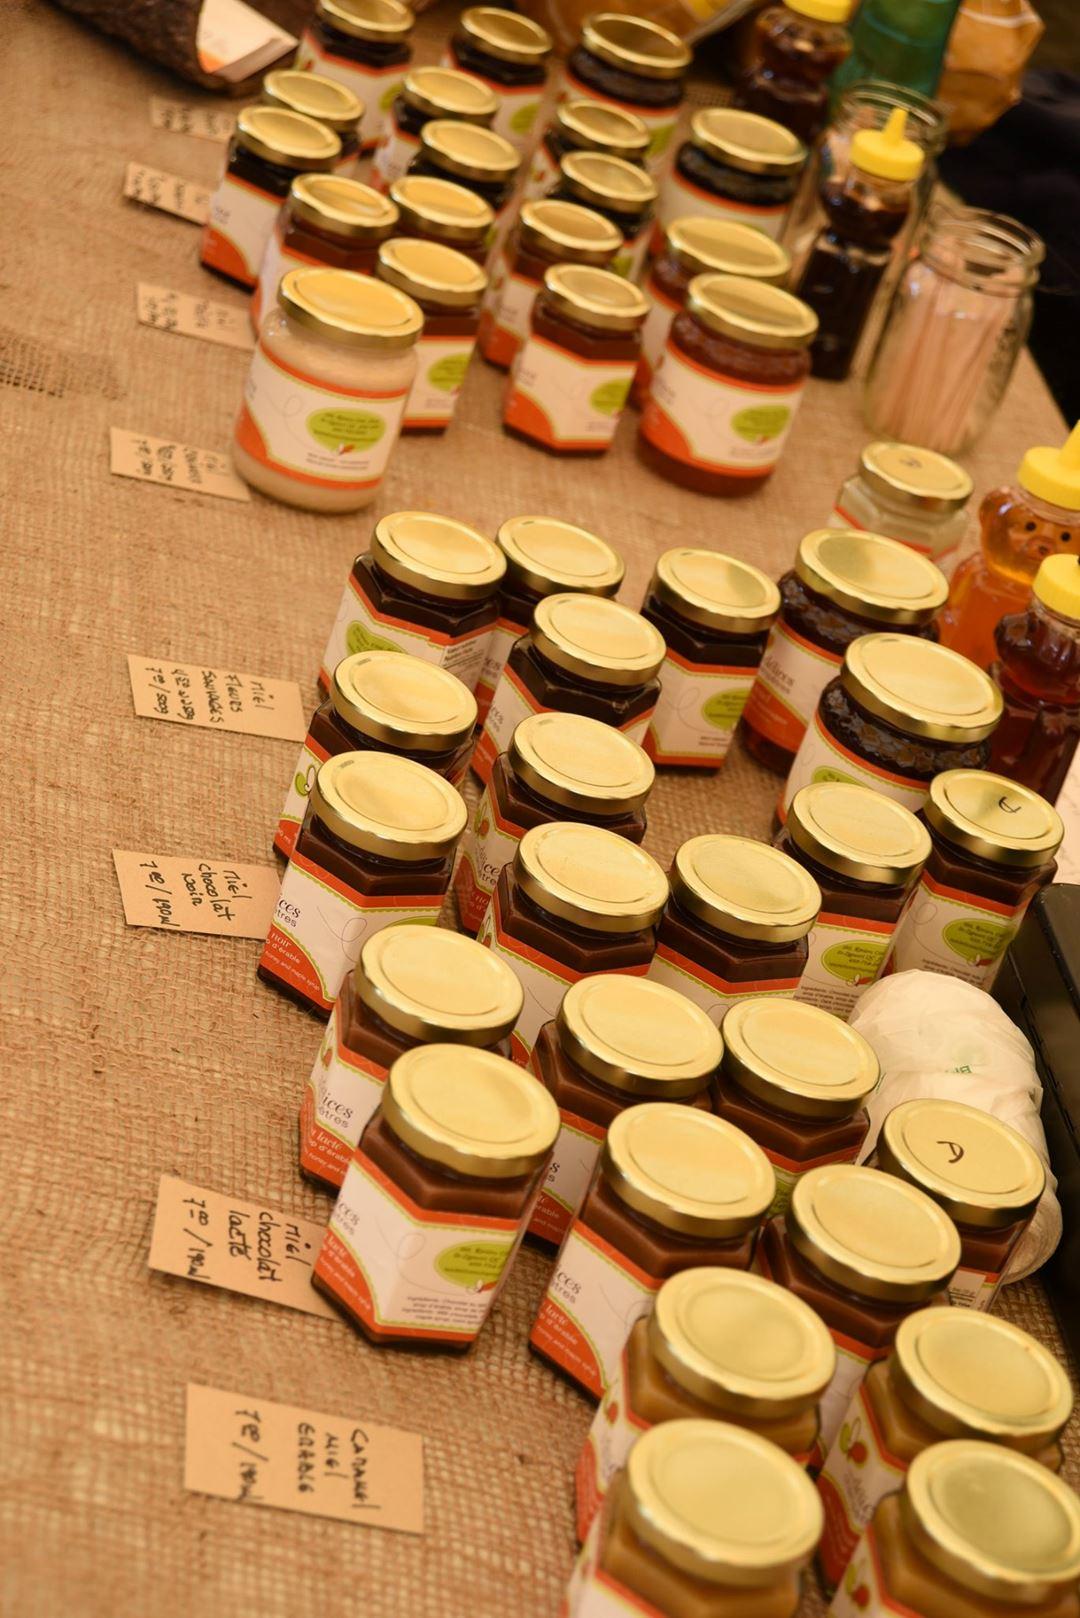 Table de produits de Lanaudière au Marché public authentique de Notre-Dame-de-la-Merci